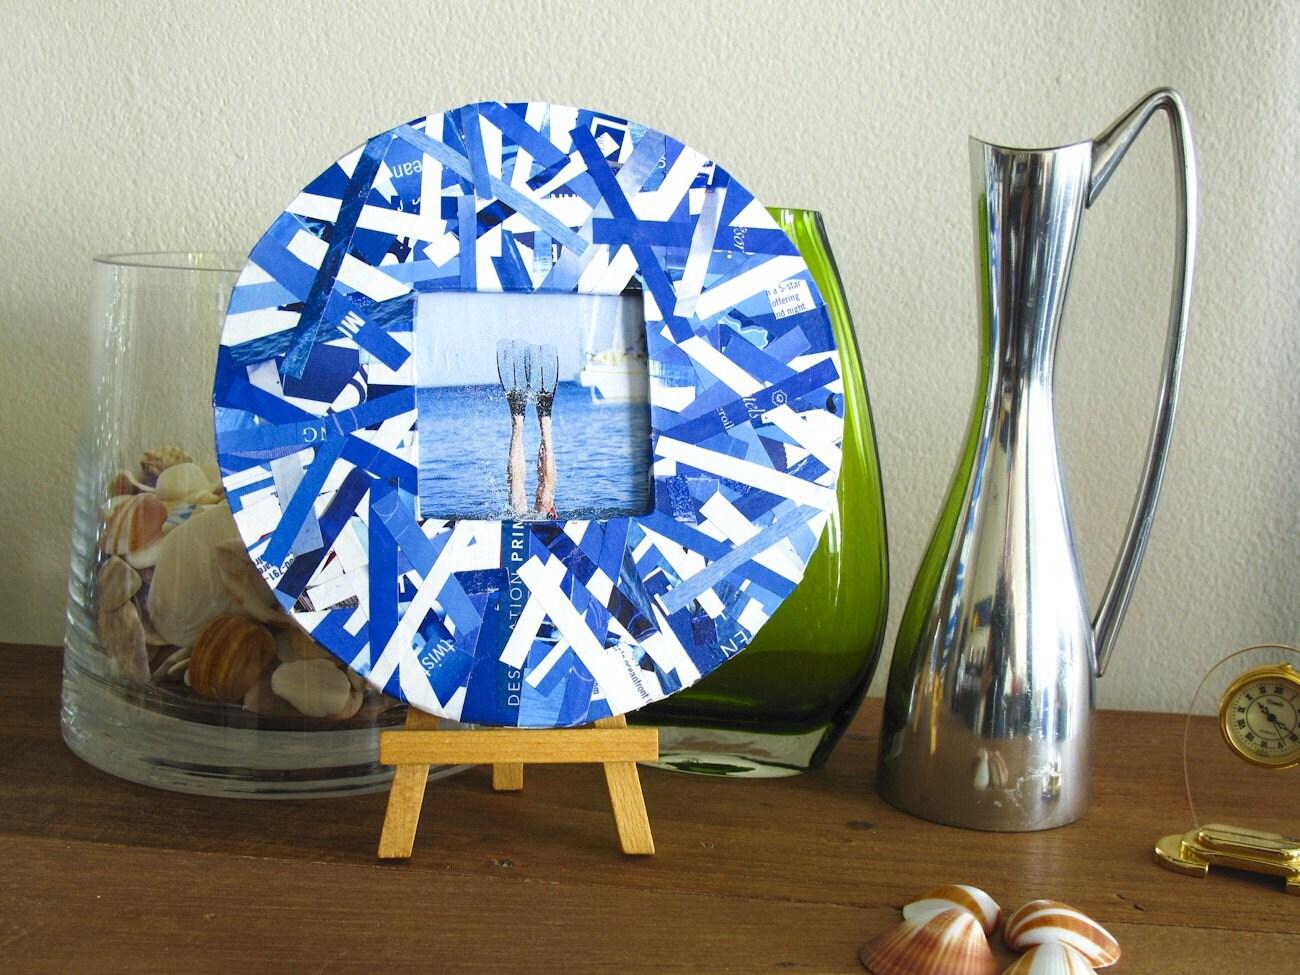 Синий и белый Восстановленный Frame бумага с станковой - Круглый Frame сделаны из переработанных журналы